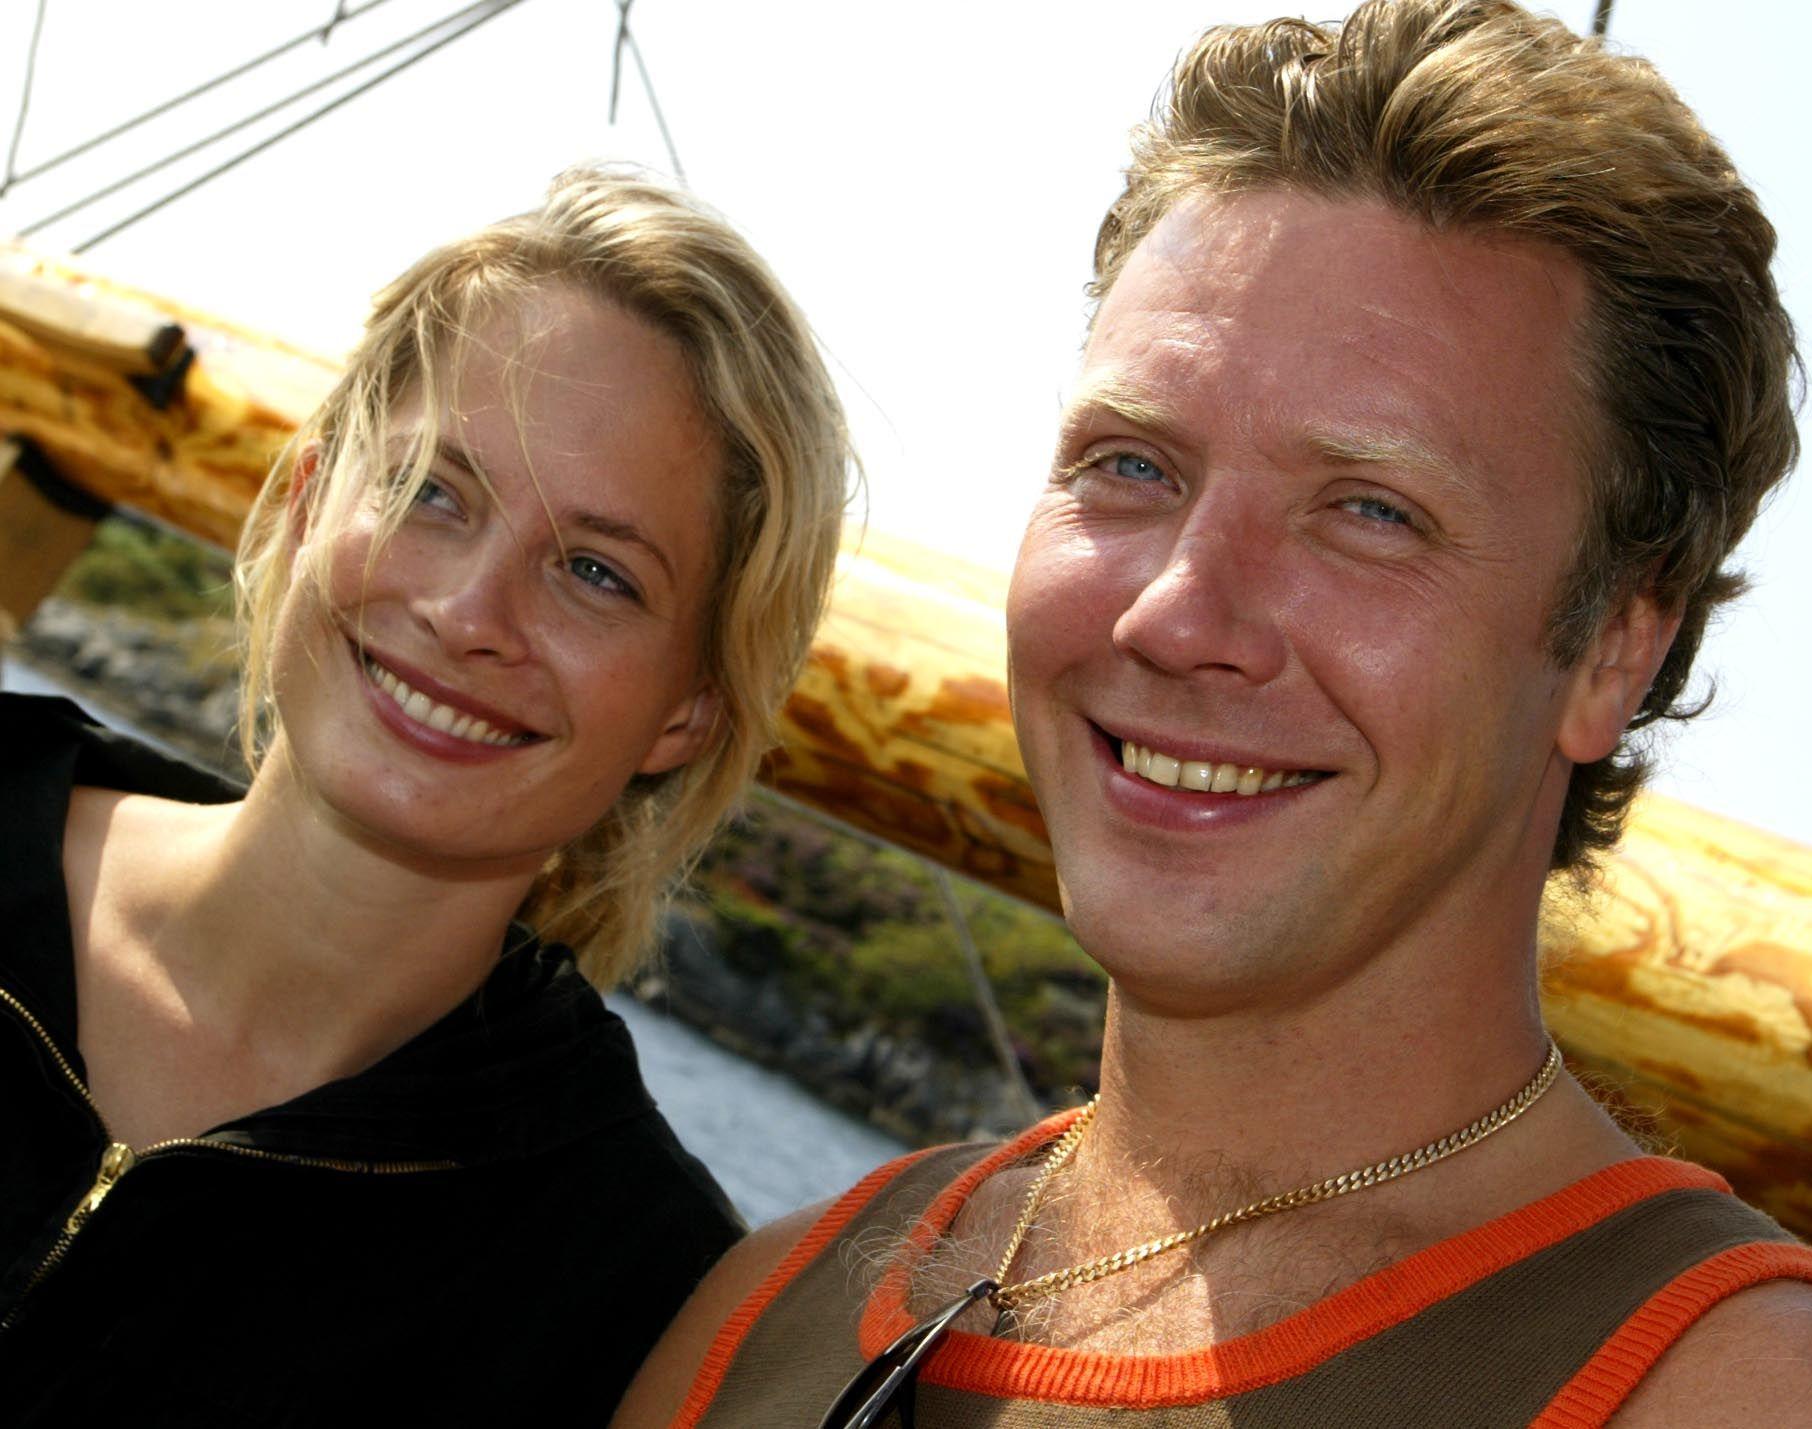 EKSPAR: Maria Bonnevie og Mikael Persbrandt på filmfestival i 2002.